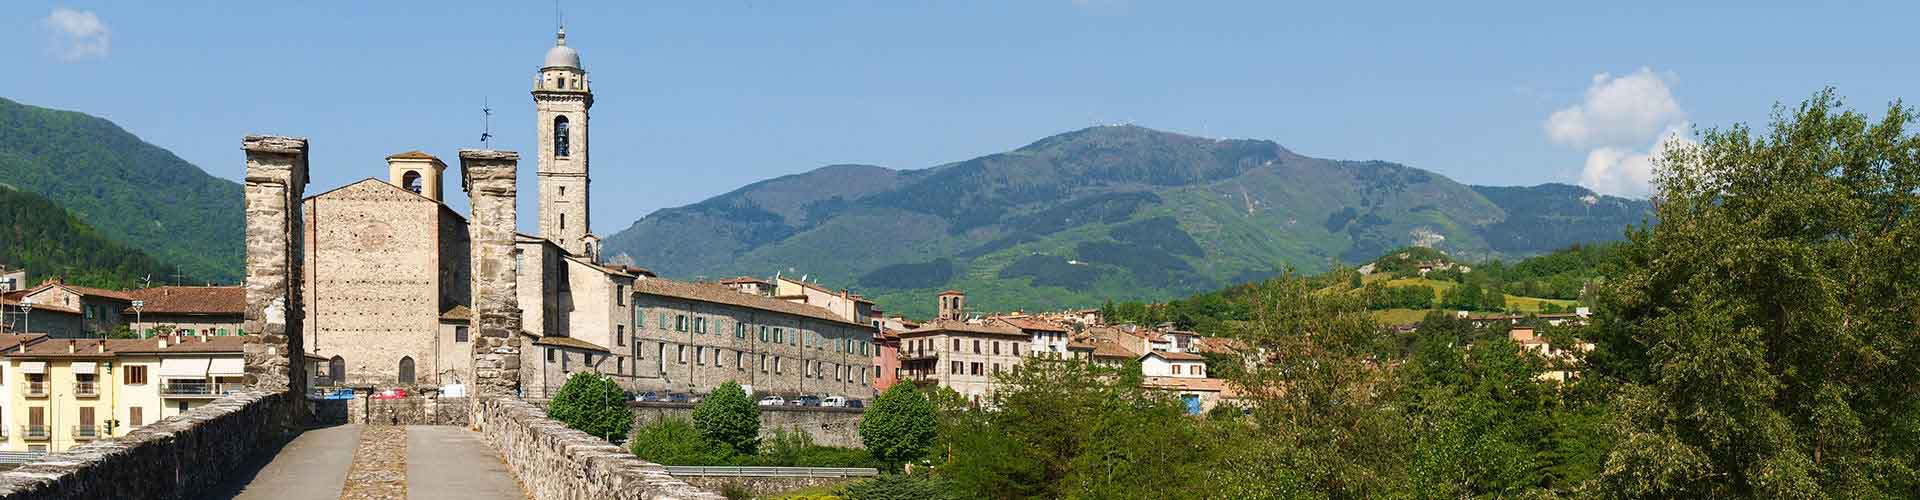 Piacenza - Campamentos en Piacenza. Mapas de Piacenza, Fotos y comentarios de cada Campamento en Piacenza.